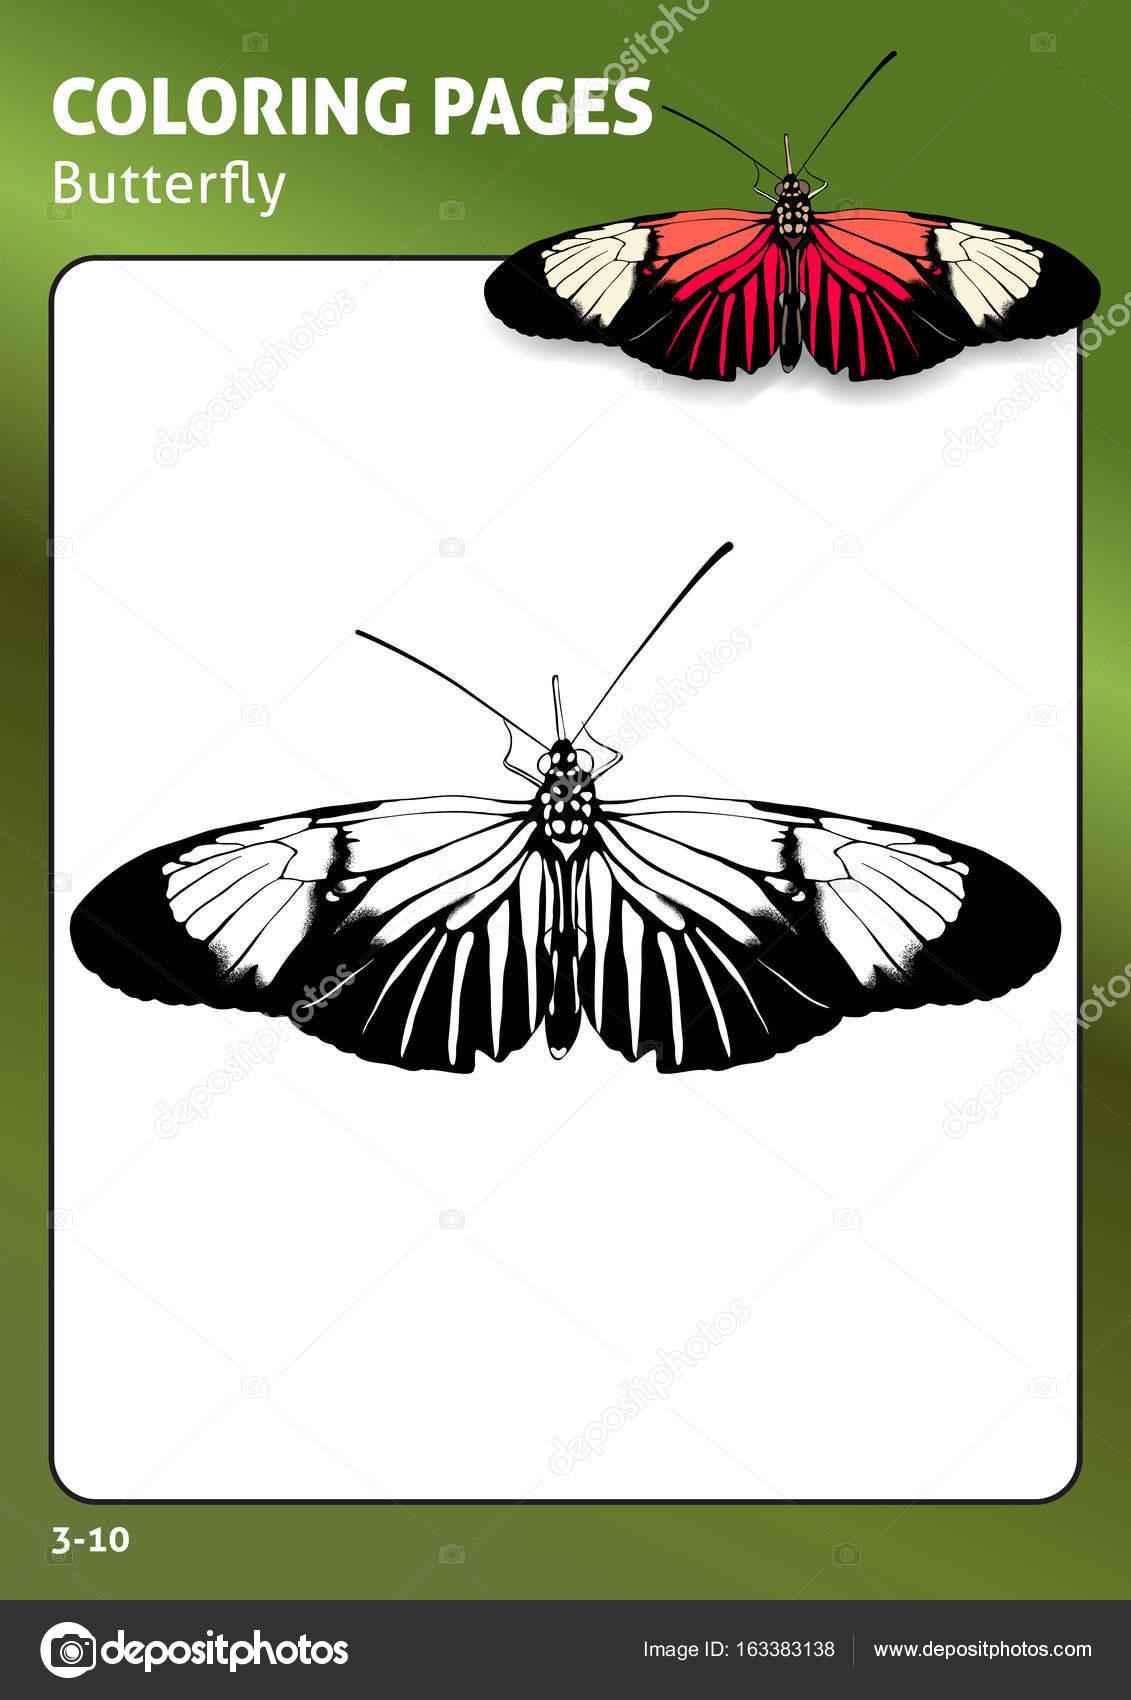 Tropischer Schmetterling Malvorlagen — Stockvektor © Diidik #163383138